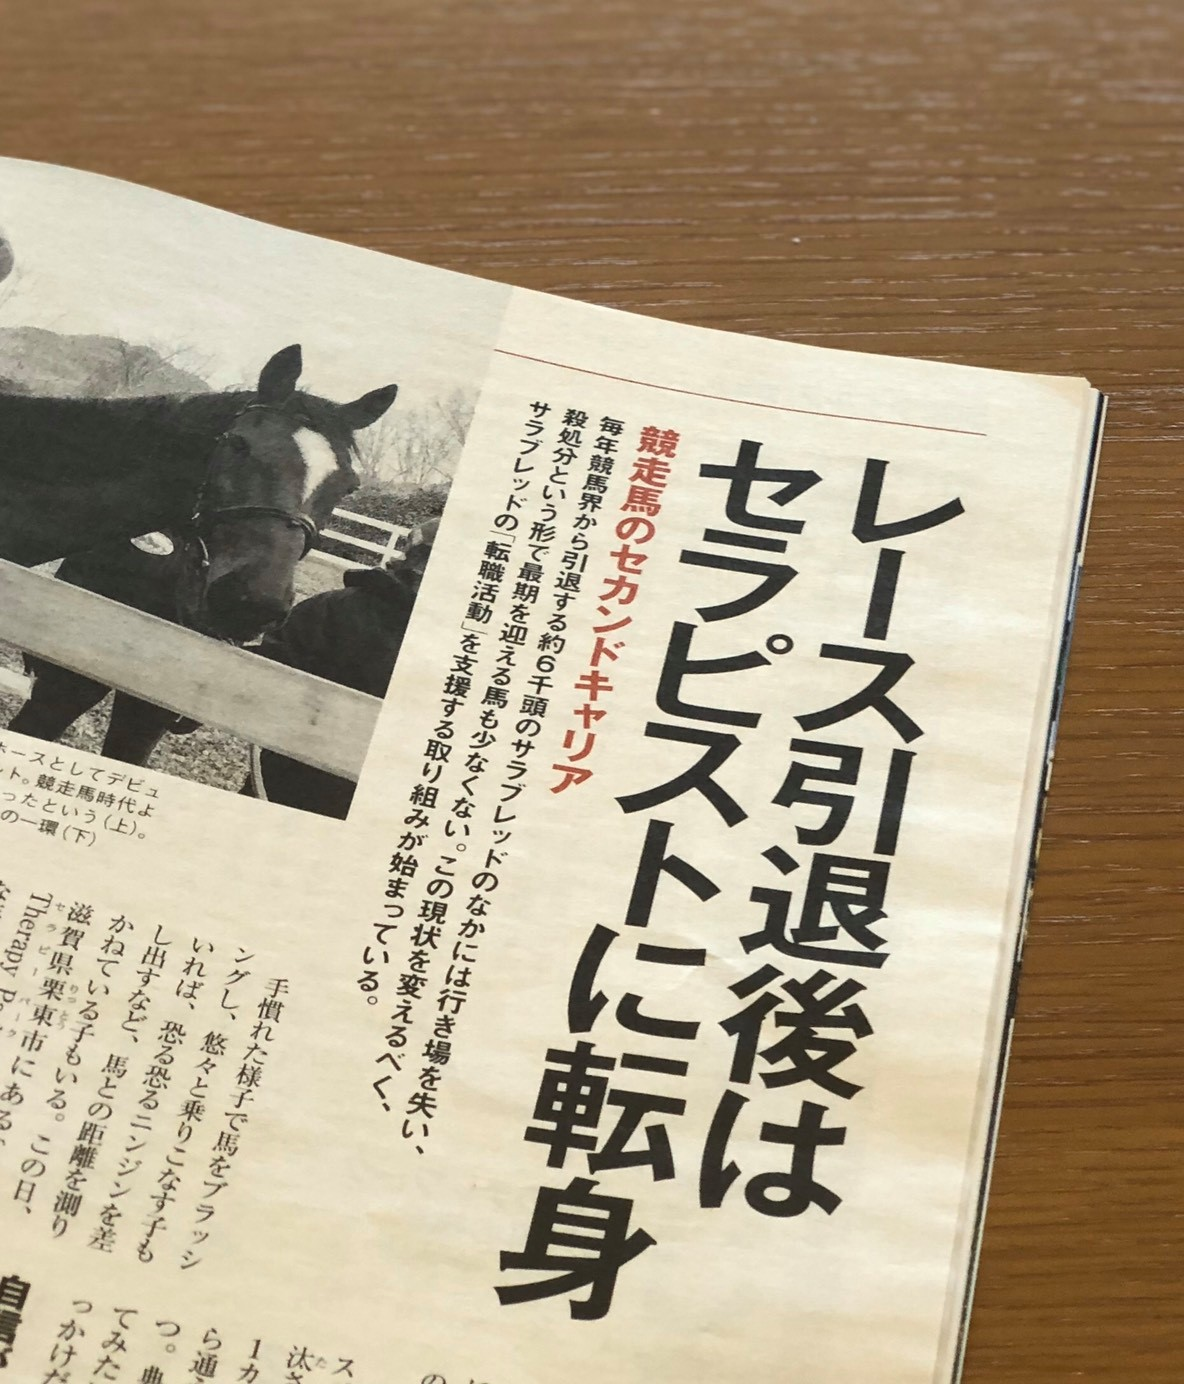 【掲載】雑誌『AERA』(3月23日号)~レース引退後はセラピストに転身